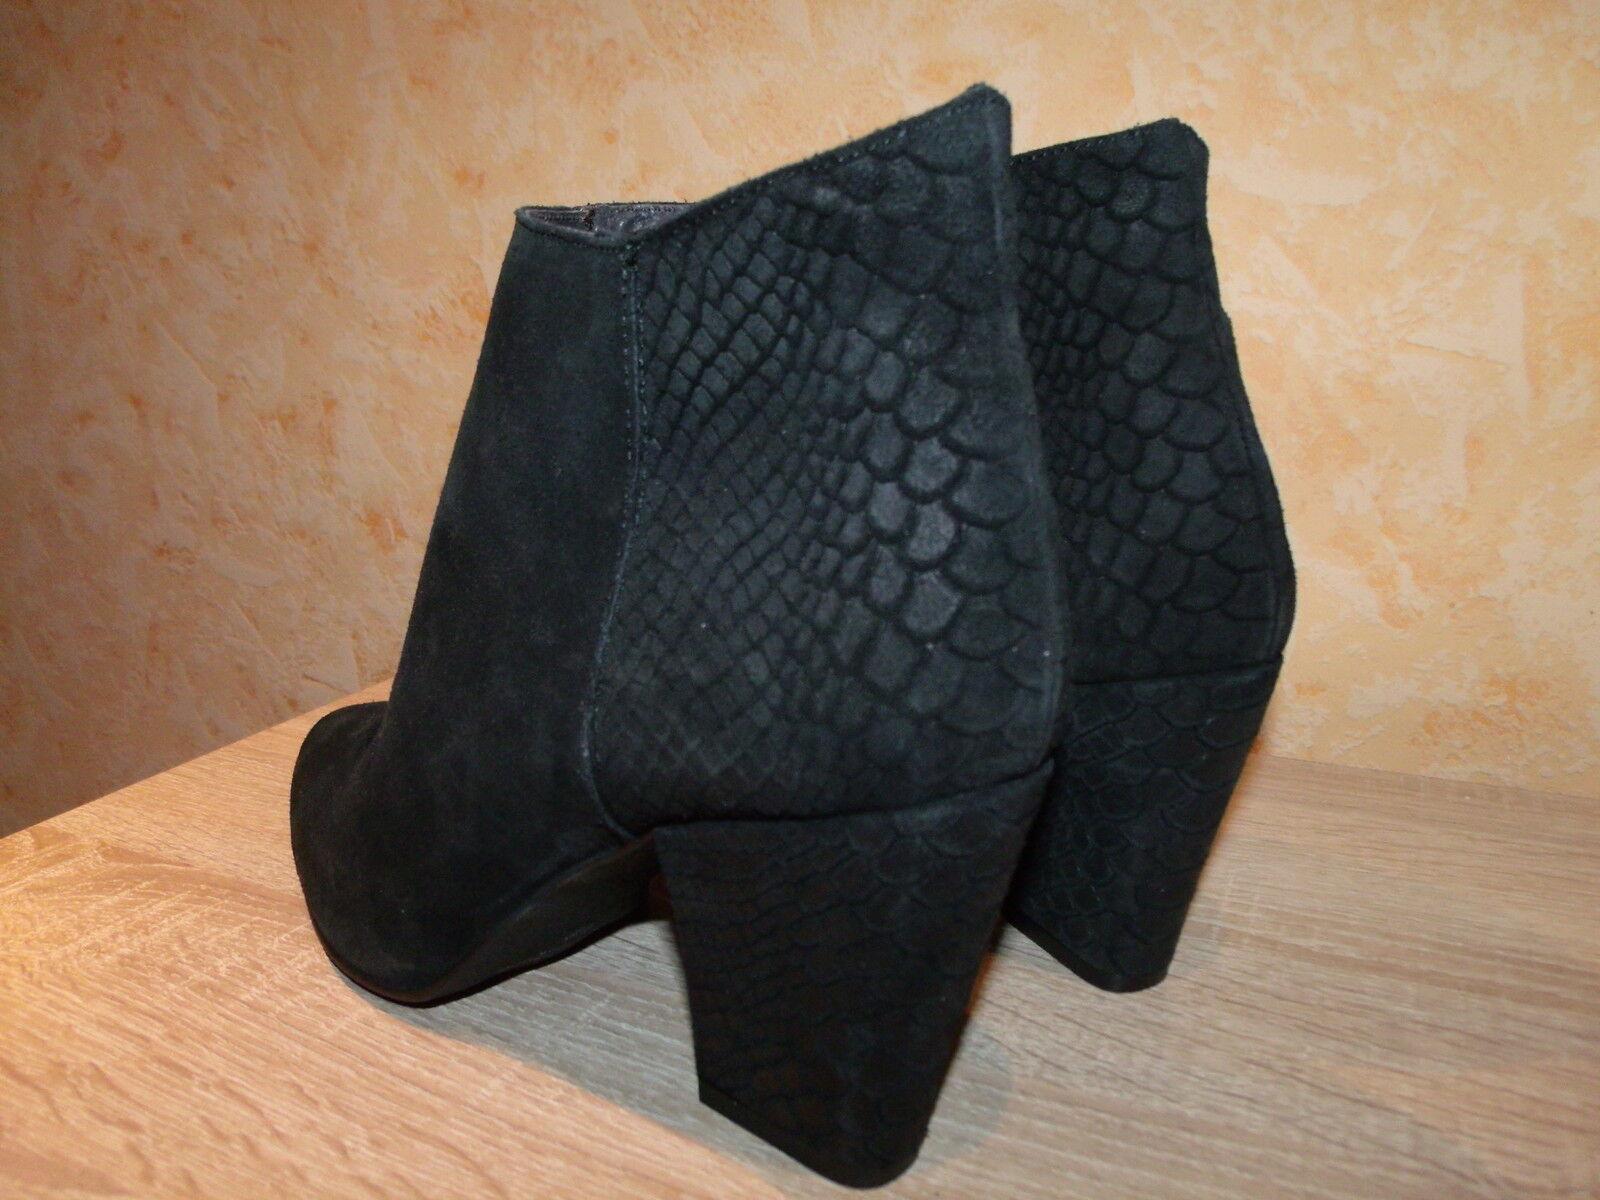 Feminin NEU spitze Studio W Stiefelette NEU Feminin Gr. 42 in schwarz & Nubuk Leder ansehen 091697